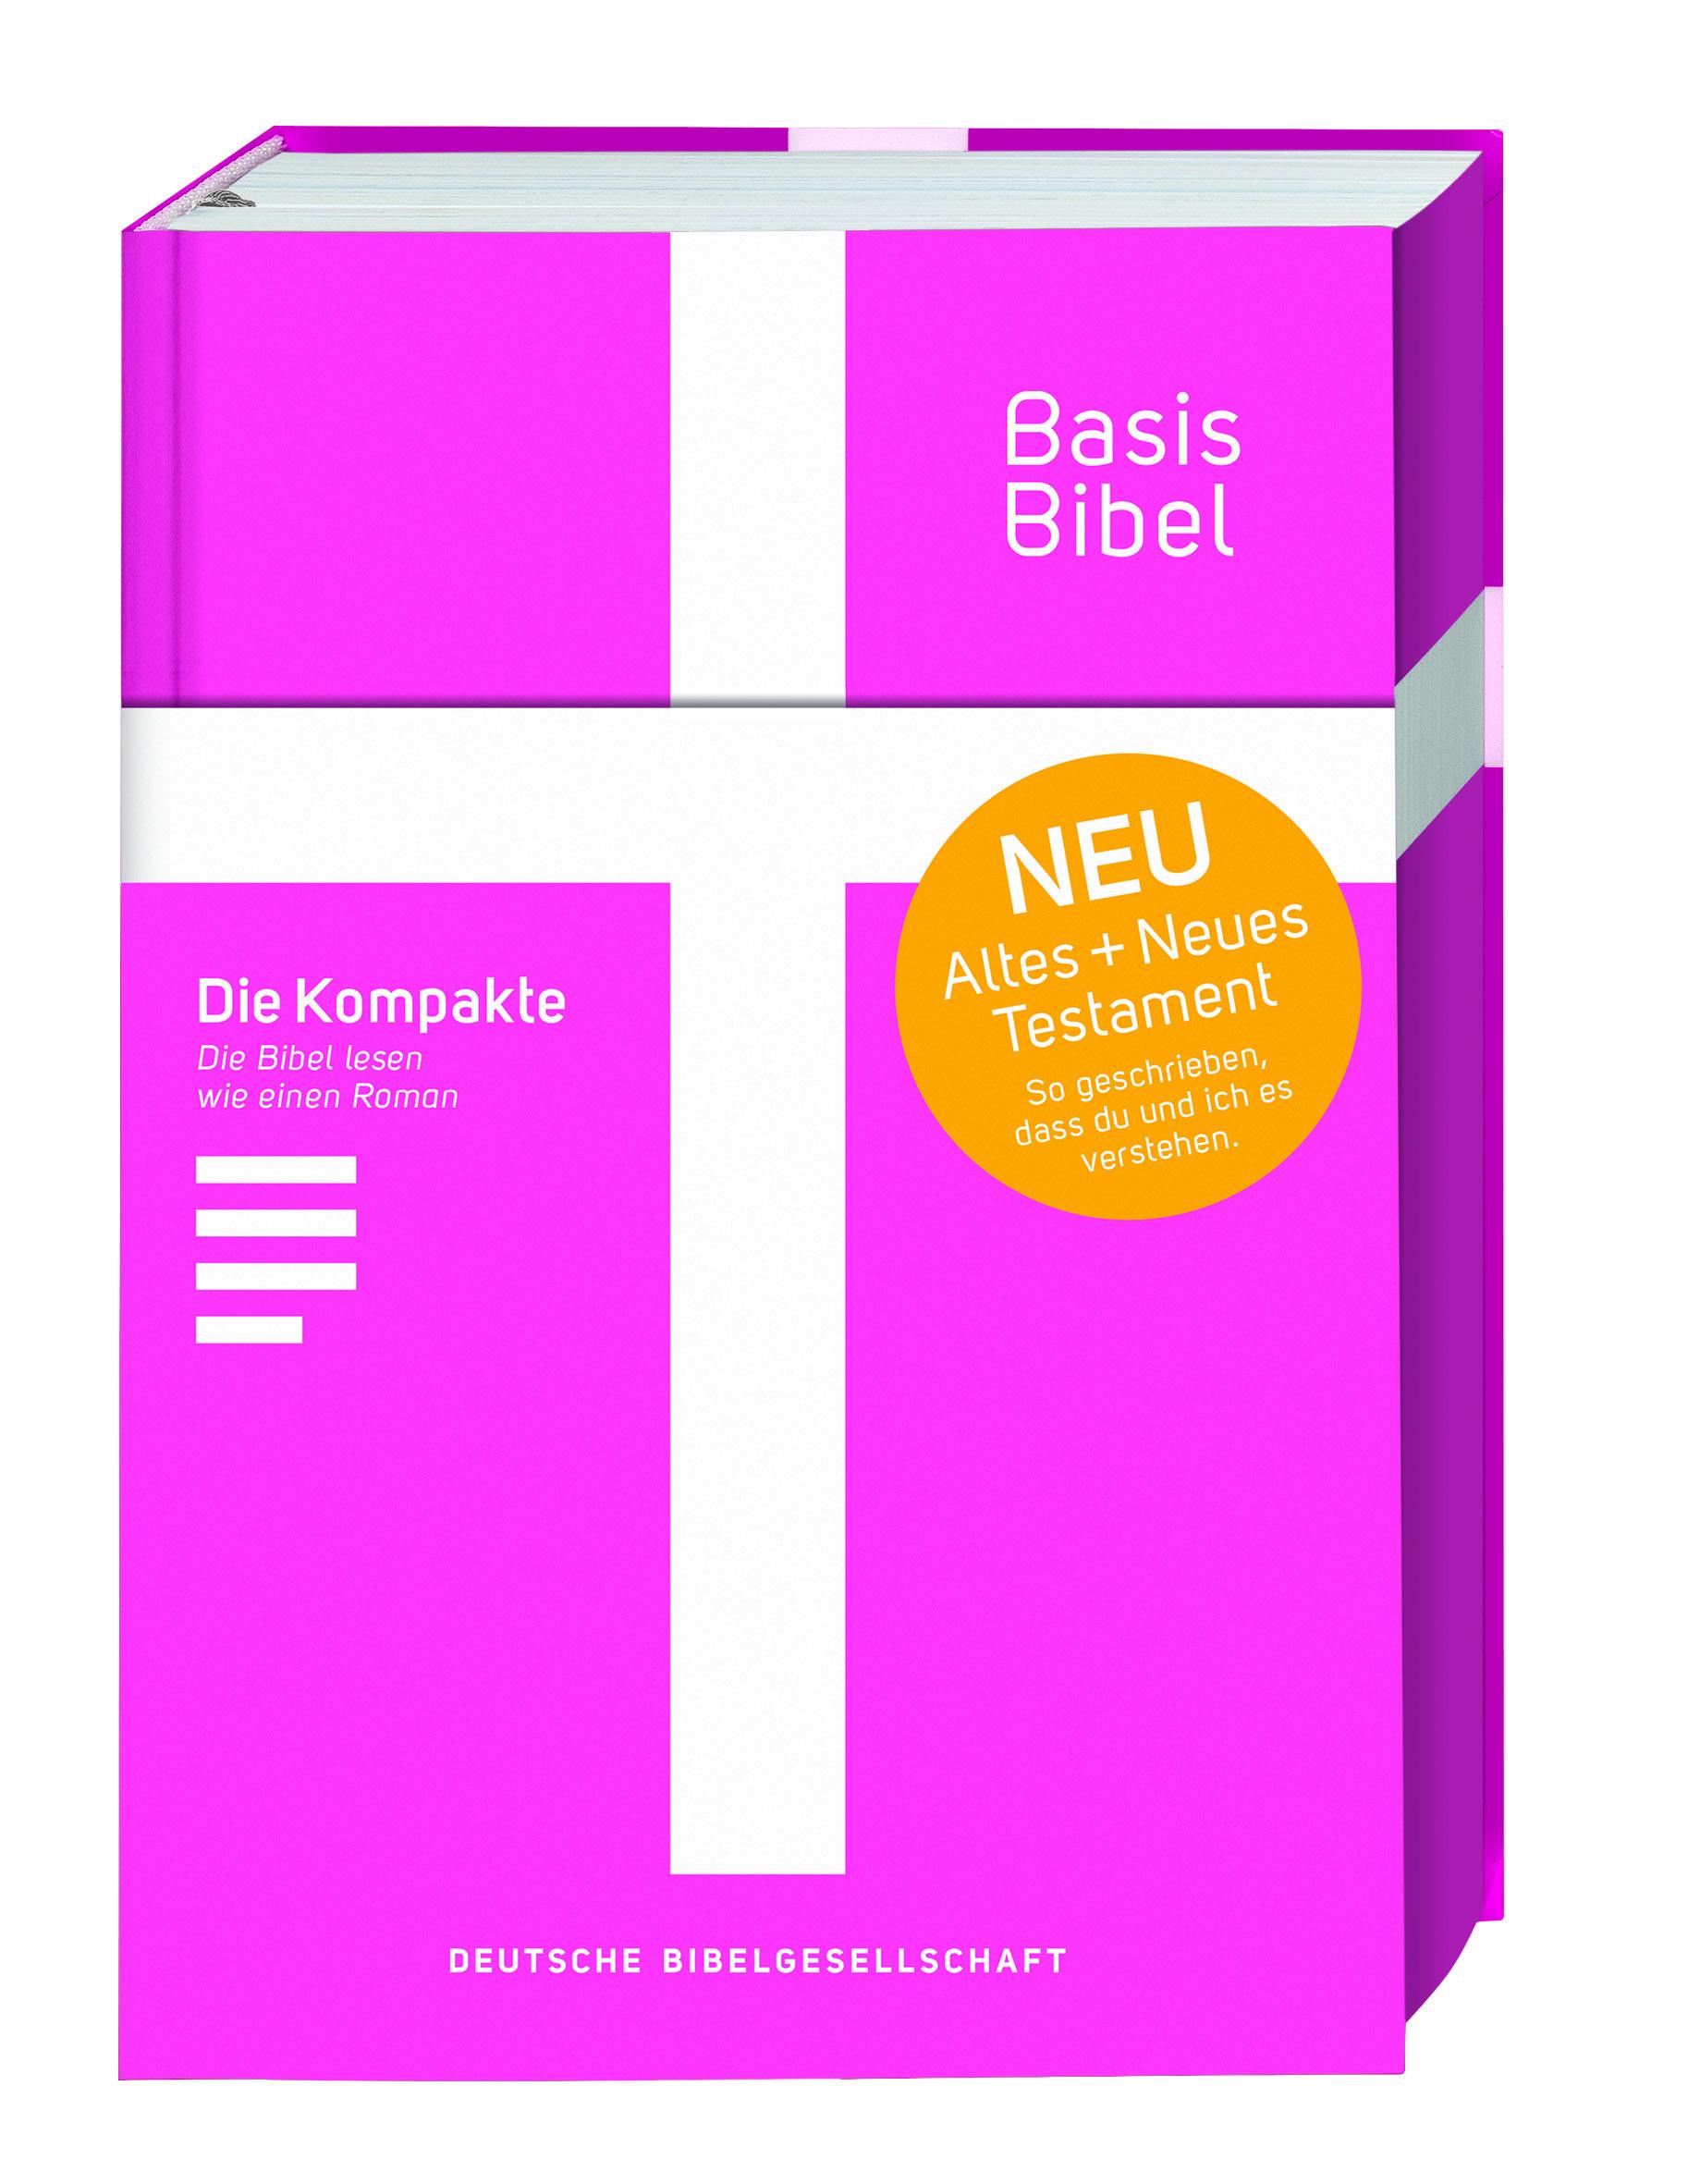 BasisBibel pink - Die Kompakte!